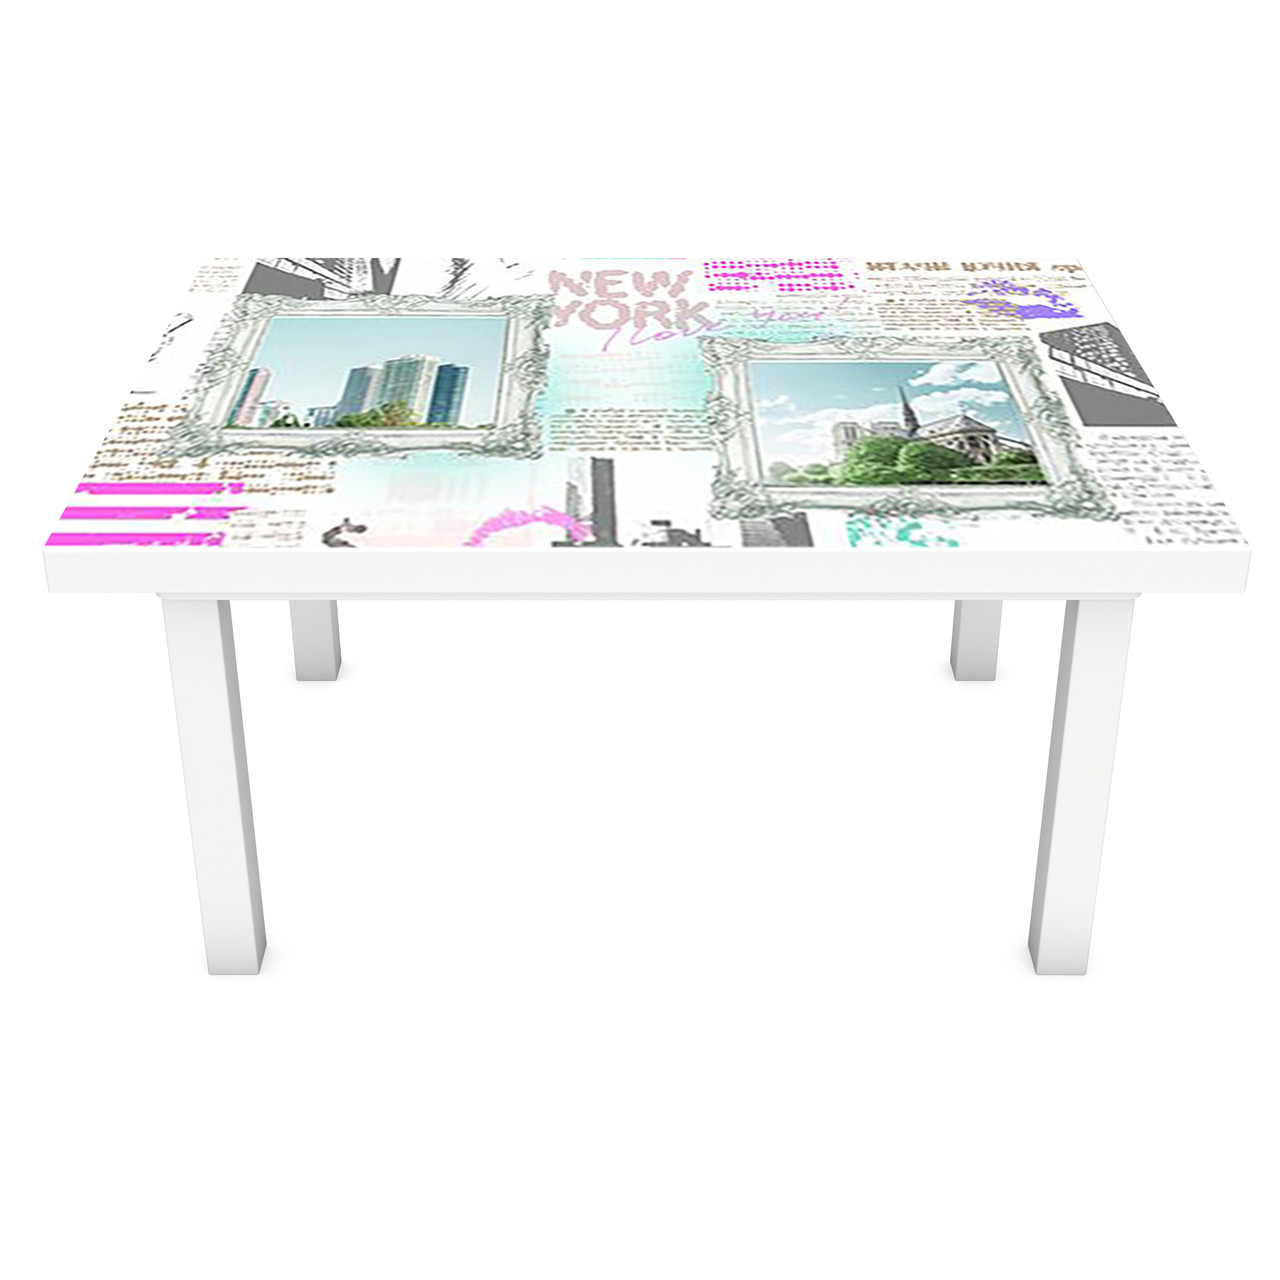 Наклейка на стол Город днем Картины (3Д виниловая пленка ПВХ) Абстракция Голубой 600*1200 мм